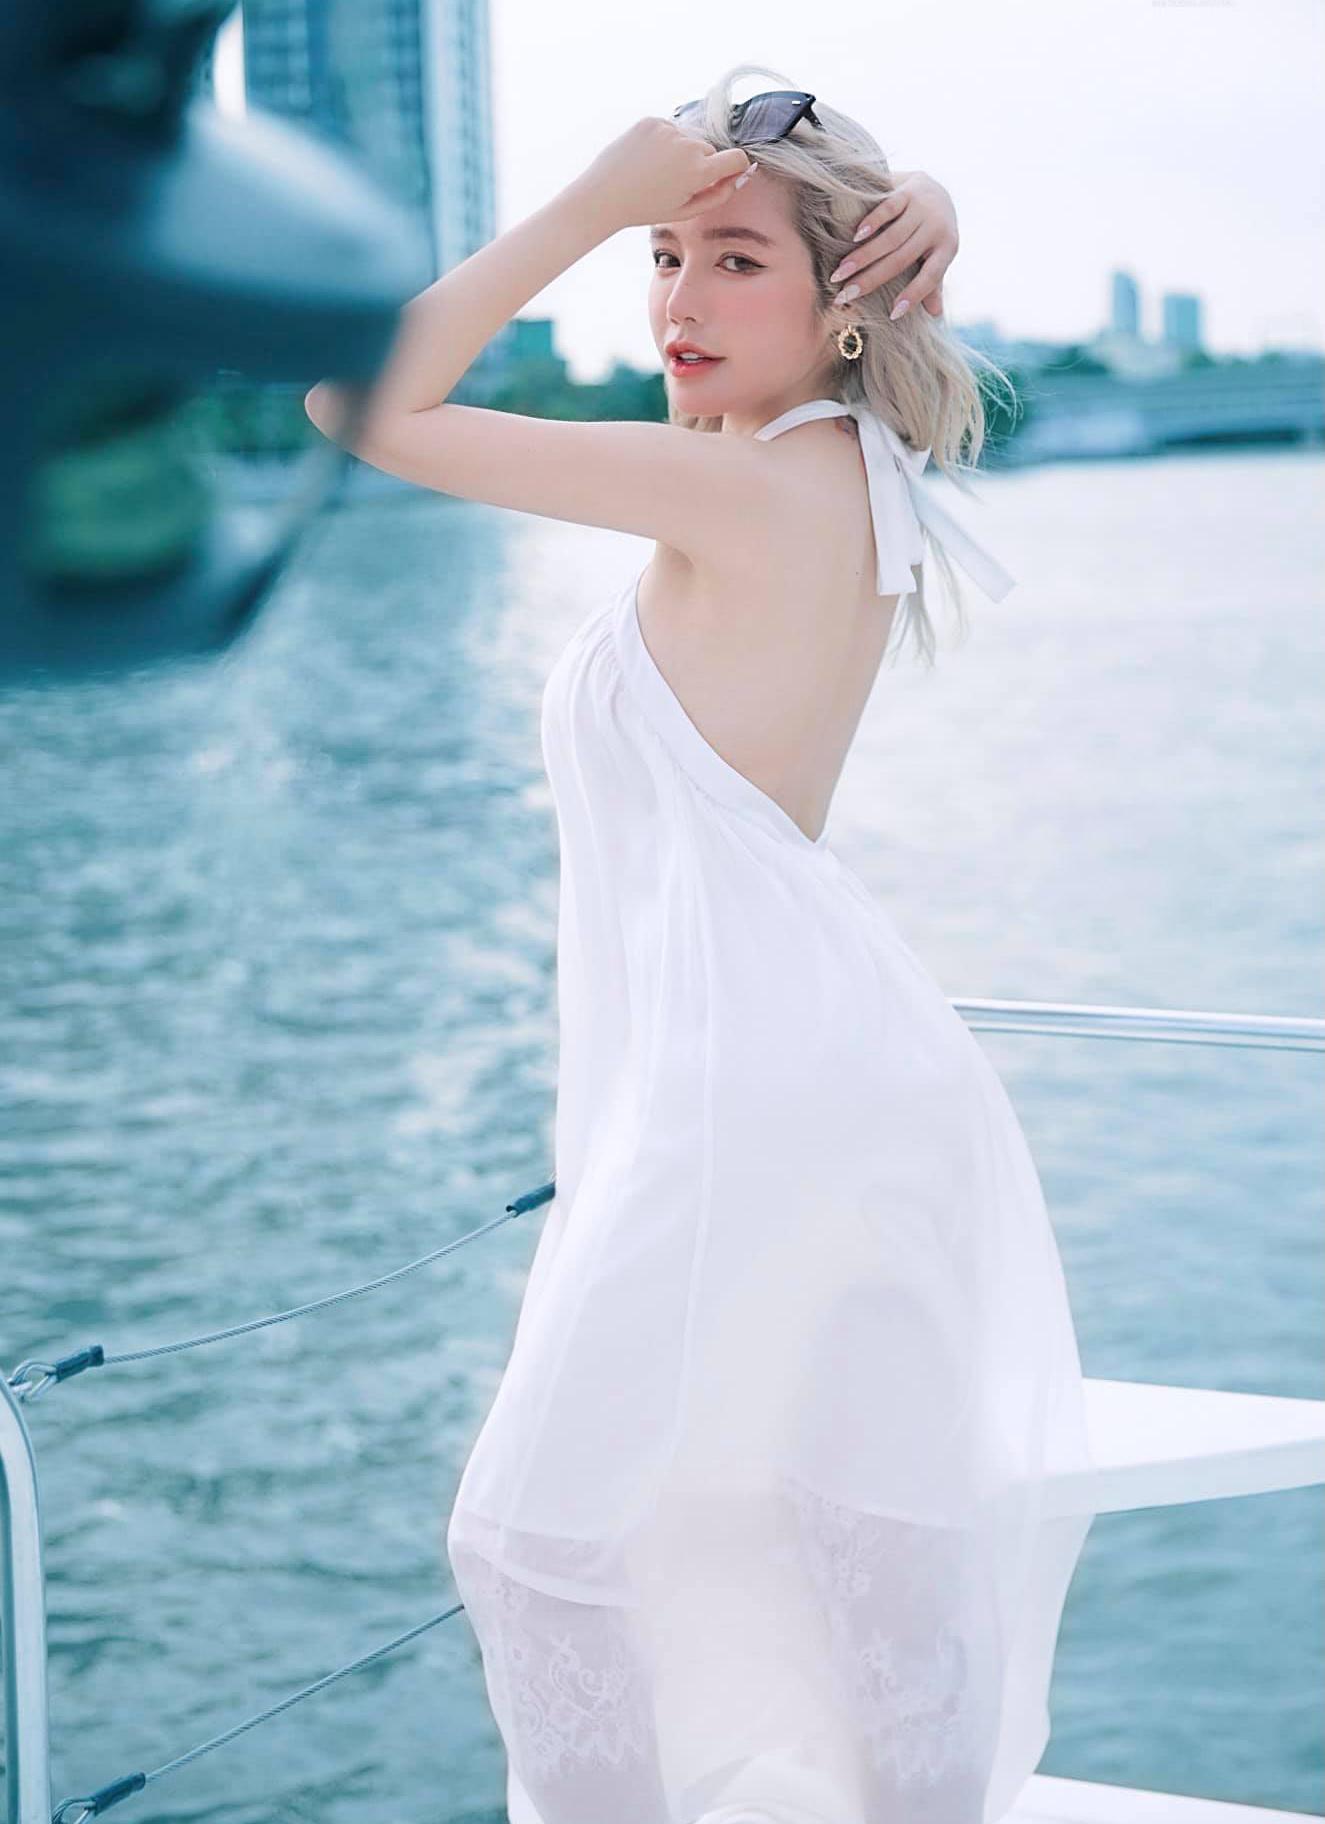 Elly Trần khoe lưng trần mướt mắt với chiếc váy yếm xuyên thấu mỏng manh, mát rượi.